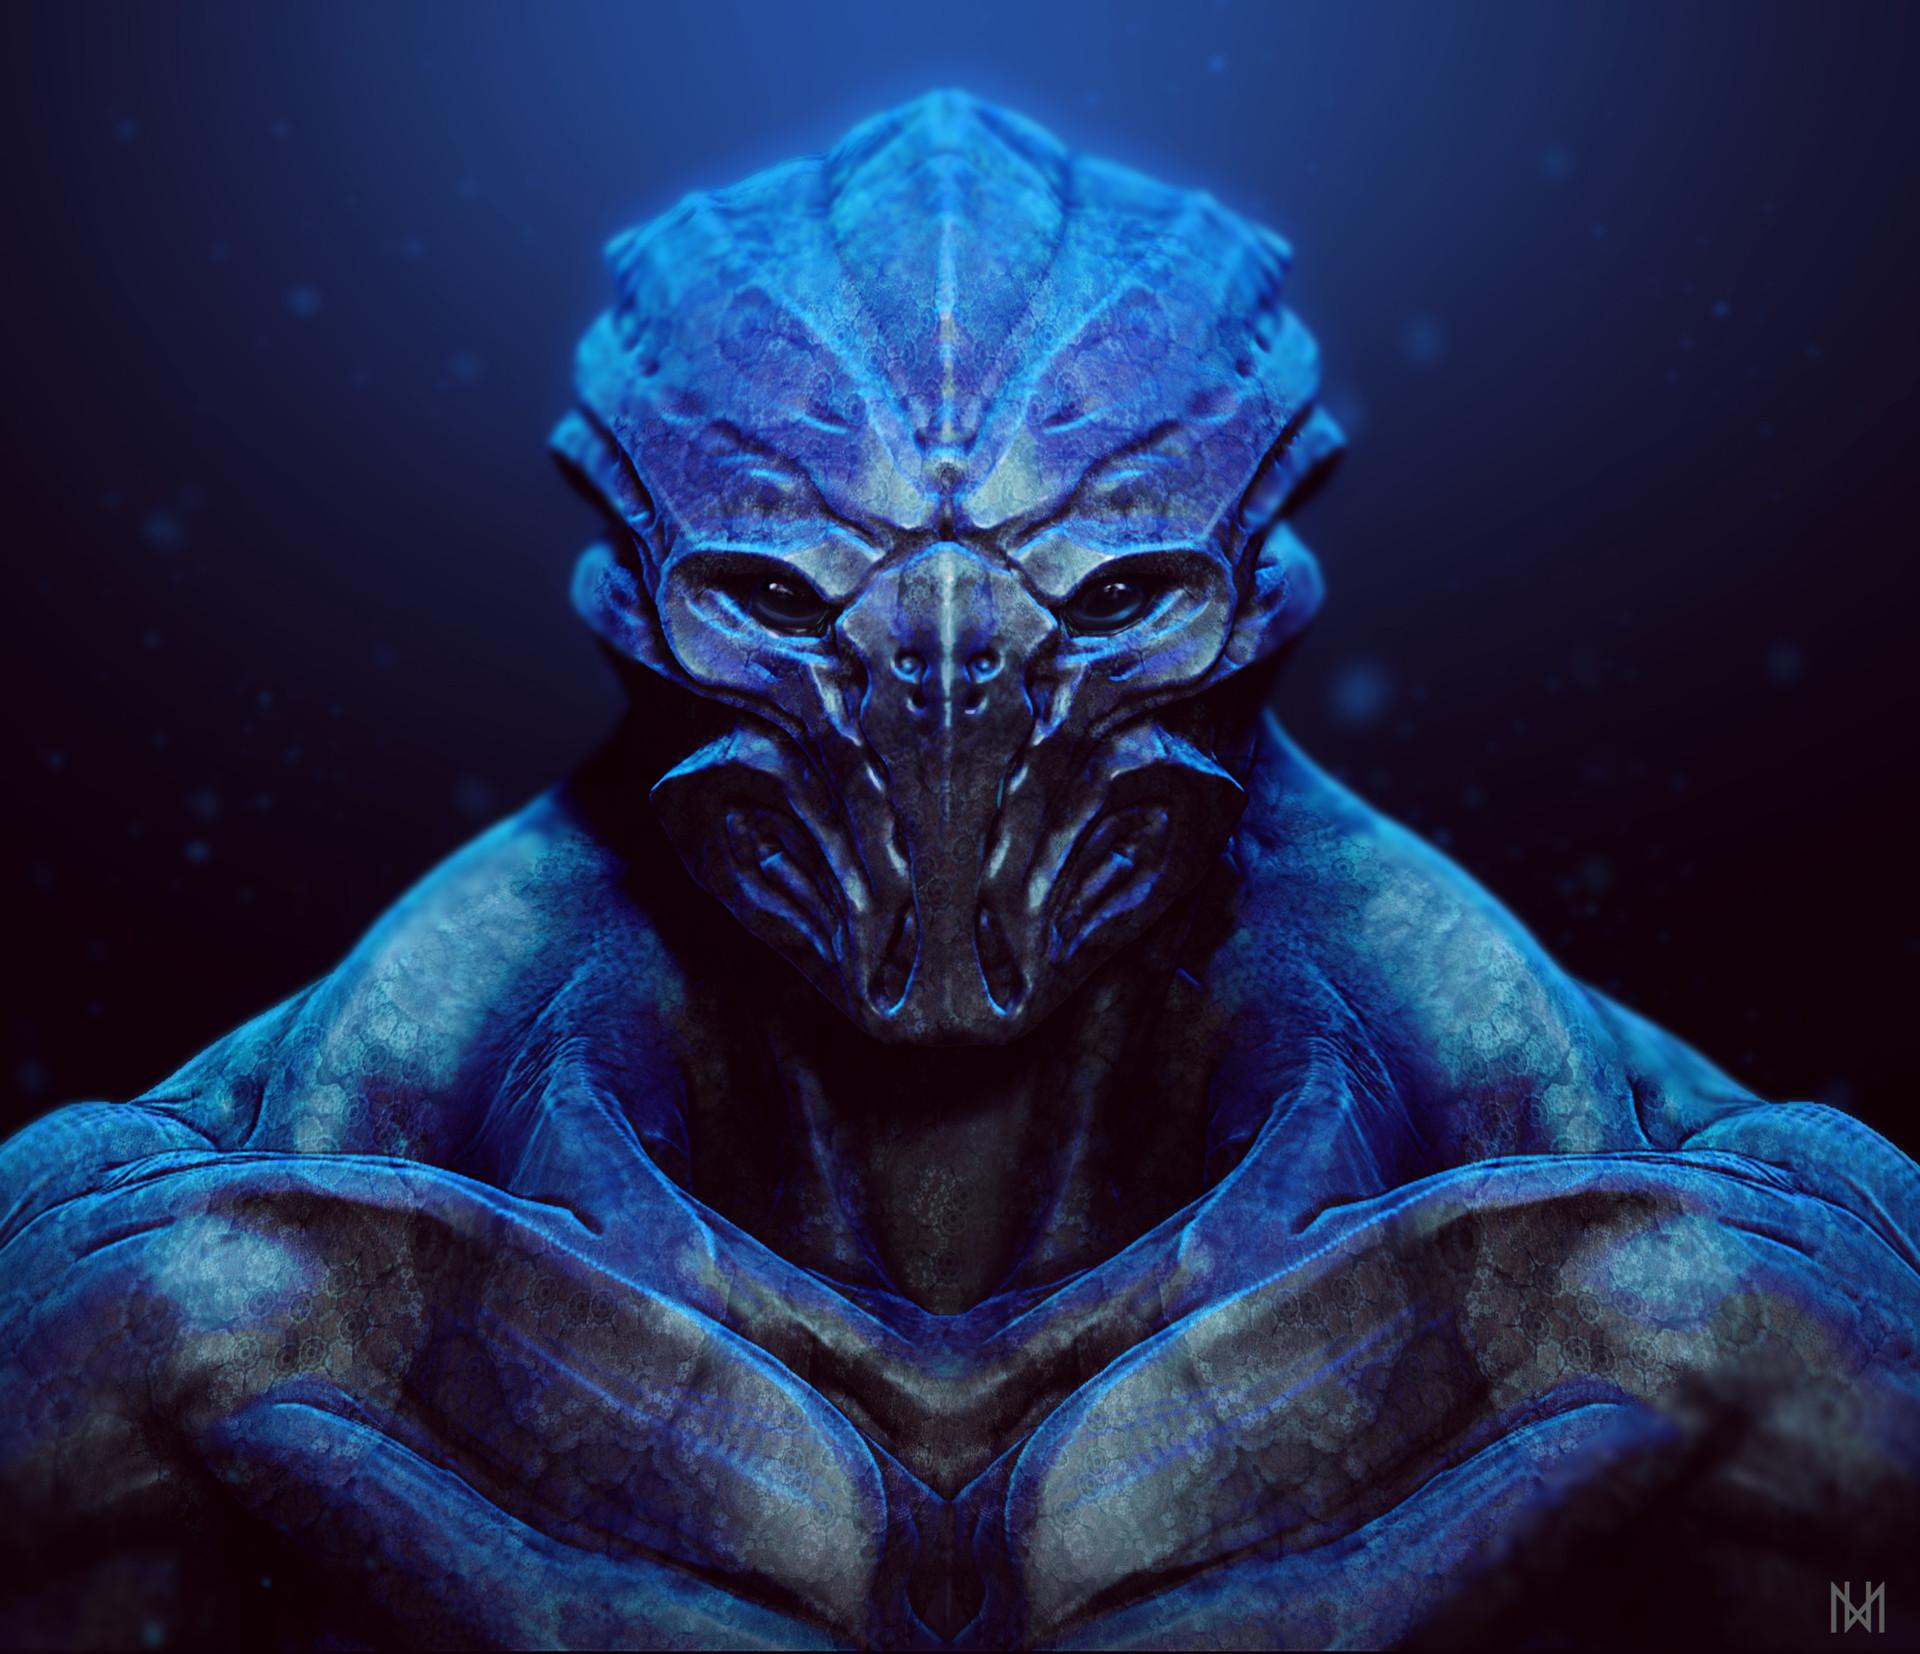 Nagy norbert alien render